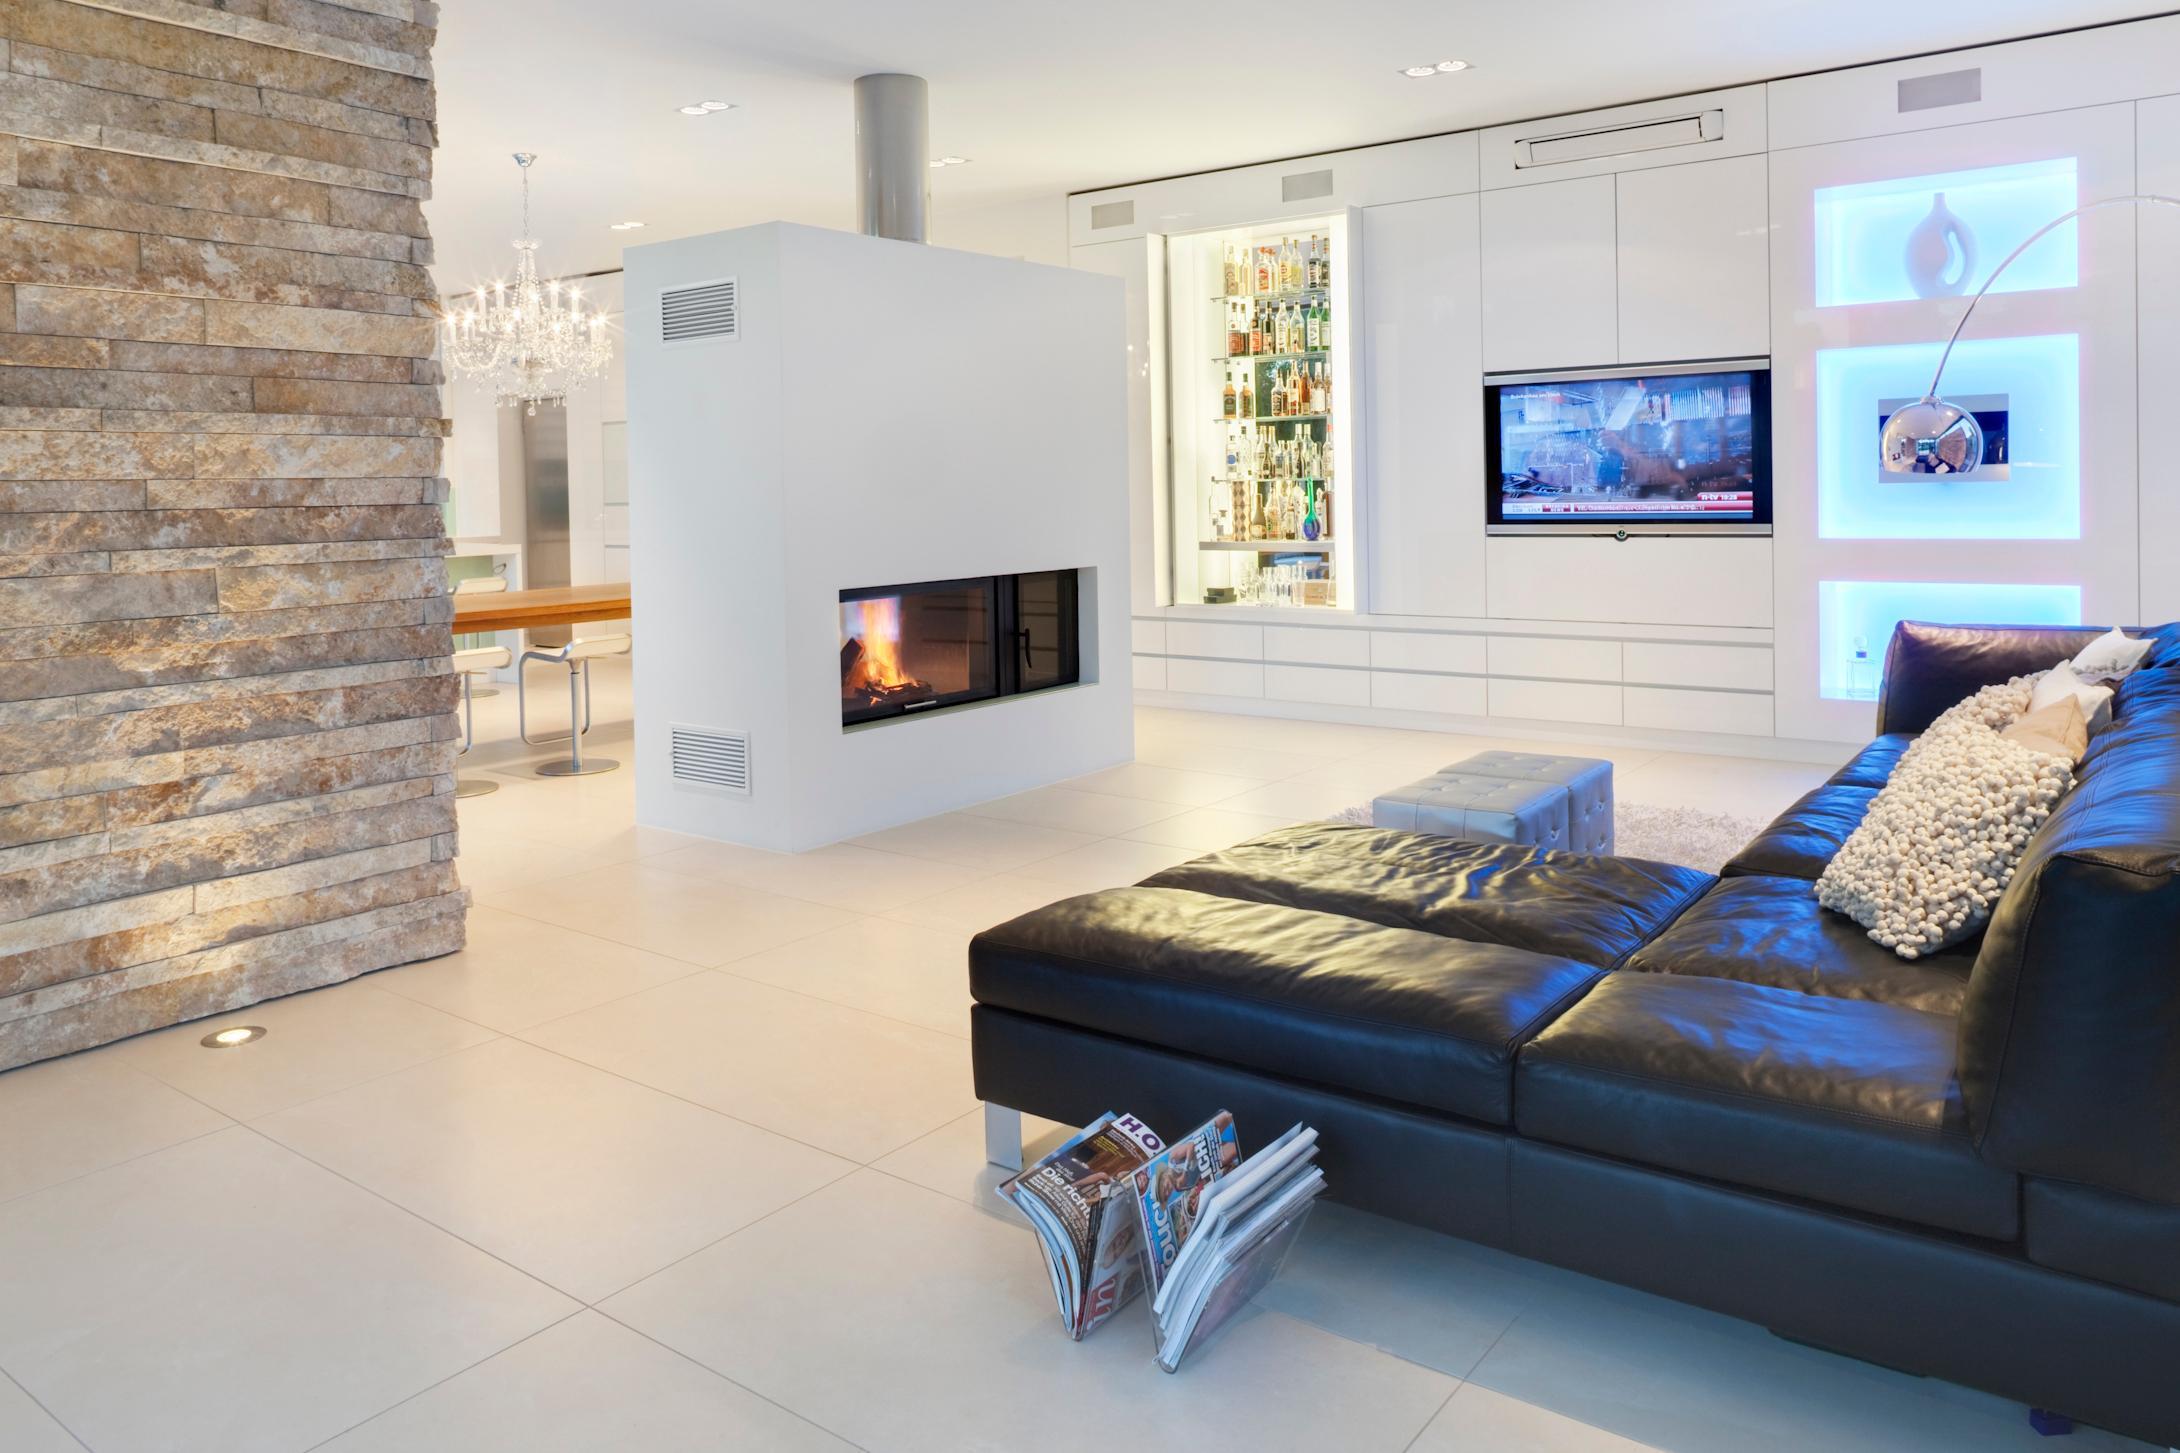 Feuerstelle bilder ideen couchstyle - Offene feuerstelle wohnzimmer ...